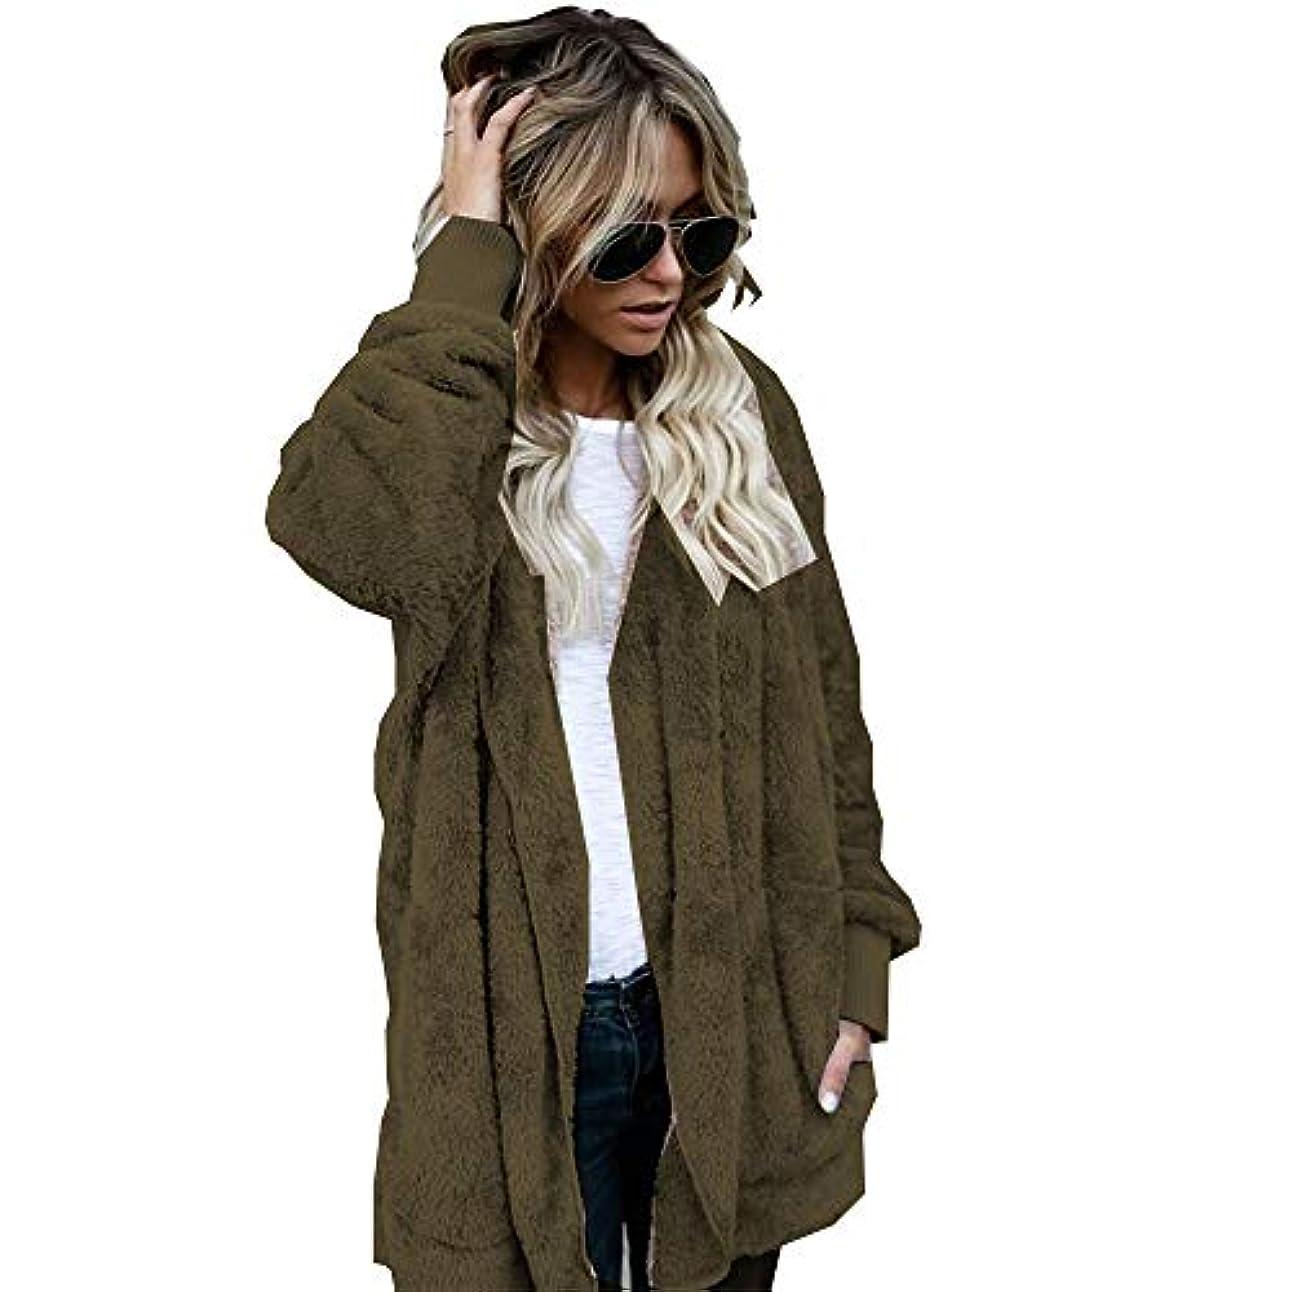 程度読みやすさ助言するMIFAN 長袖パーカー、冬のコート、女性のコート、女性の緩い厚く暖かいフェイクファーフード付きカーディガン